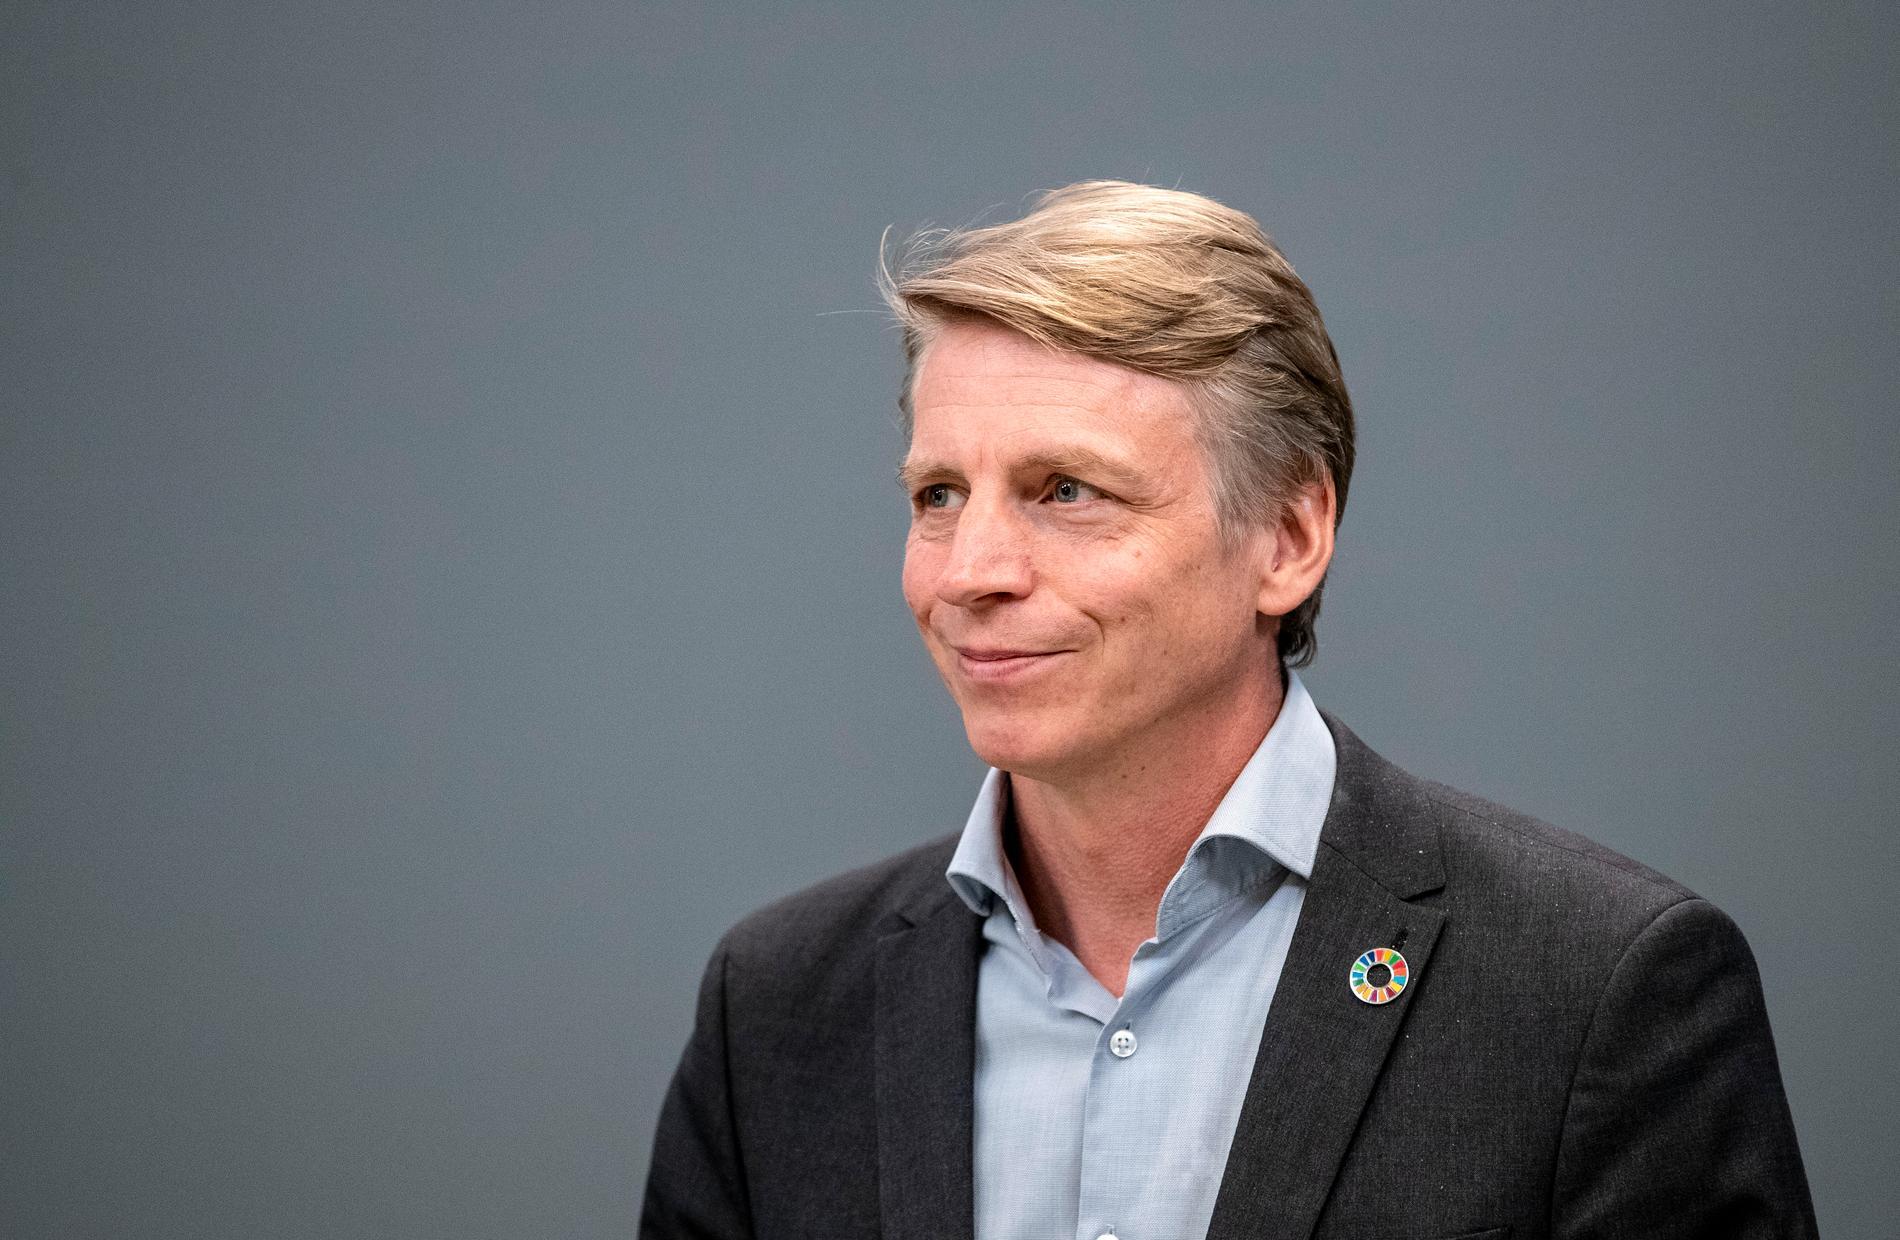 Miljö- och klimatminister Per Bolund (MP) lägger som en del i januariavtalet fram ett förslag på förbud mot utvinning av av fossila bränslen. Arkivbild.